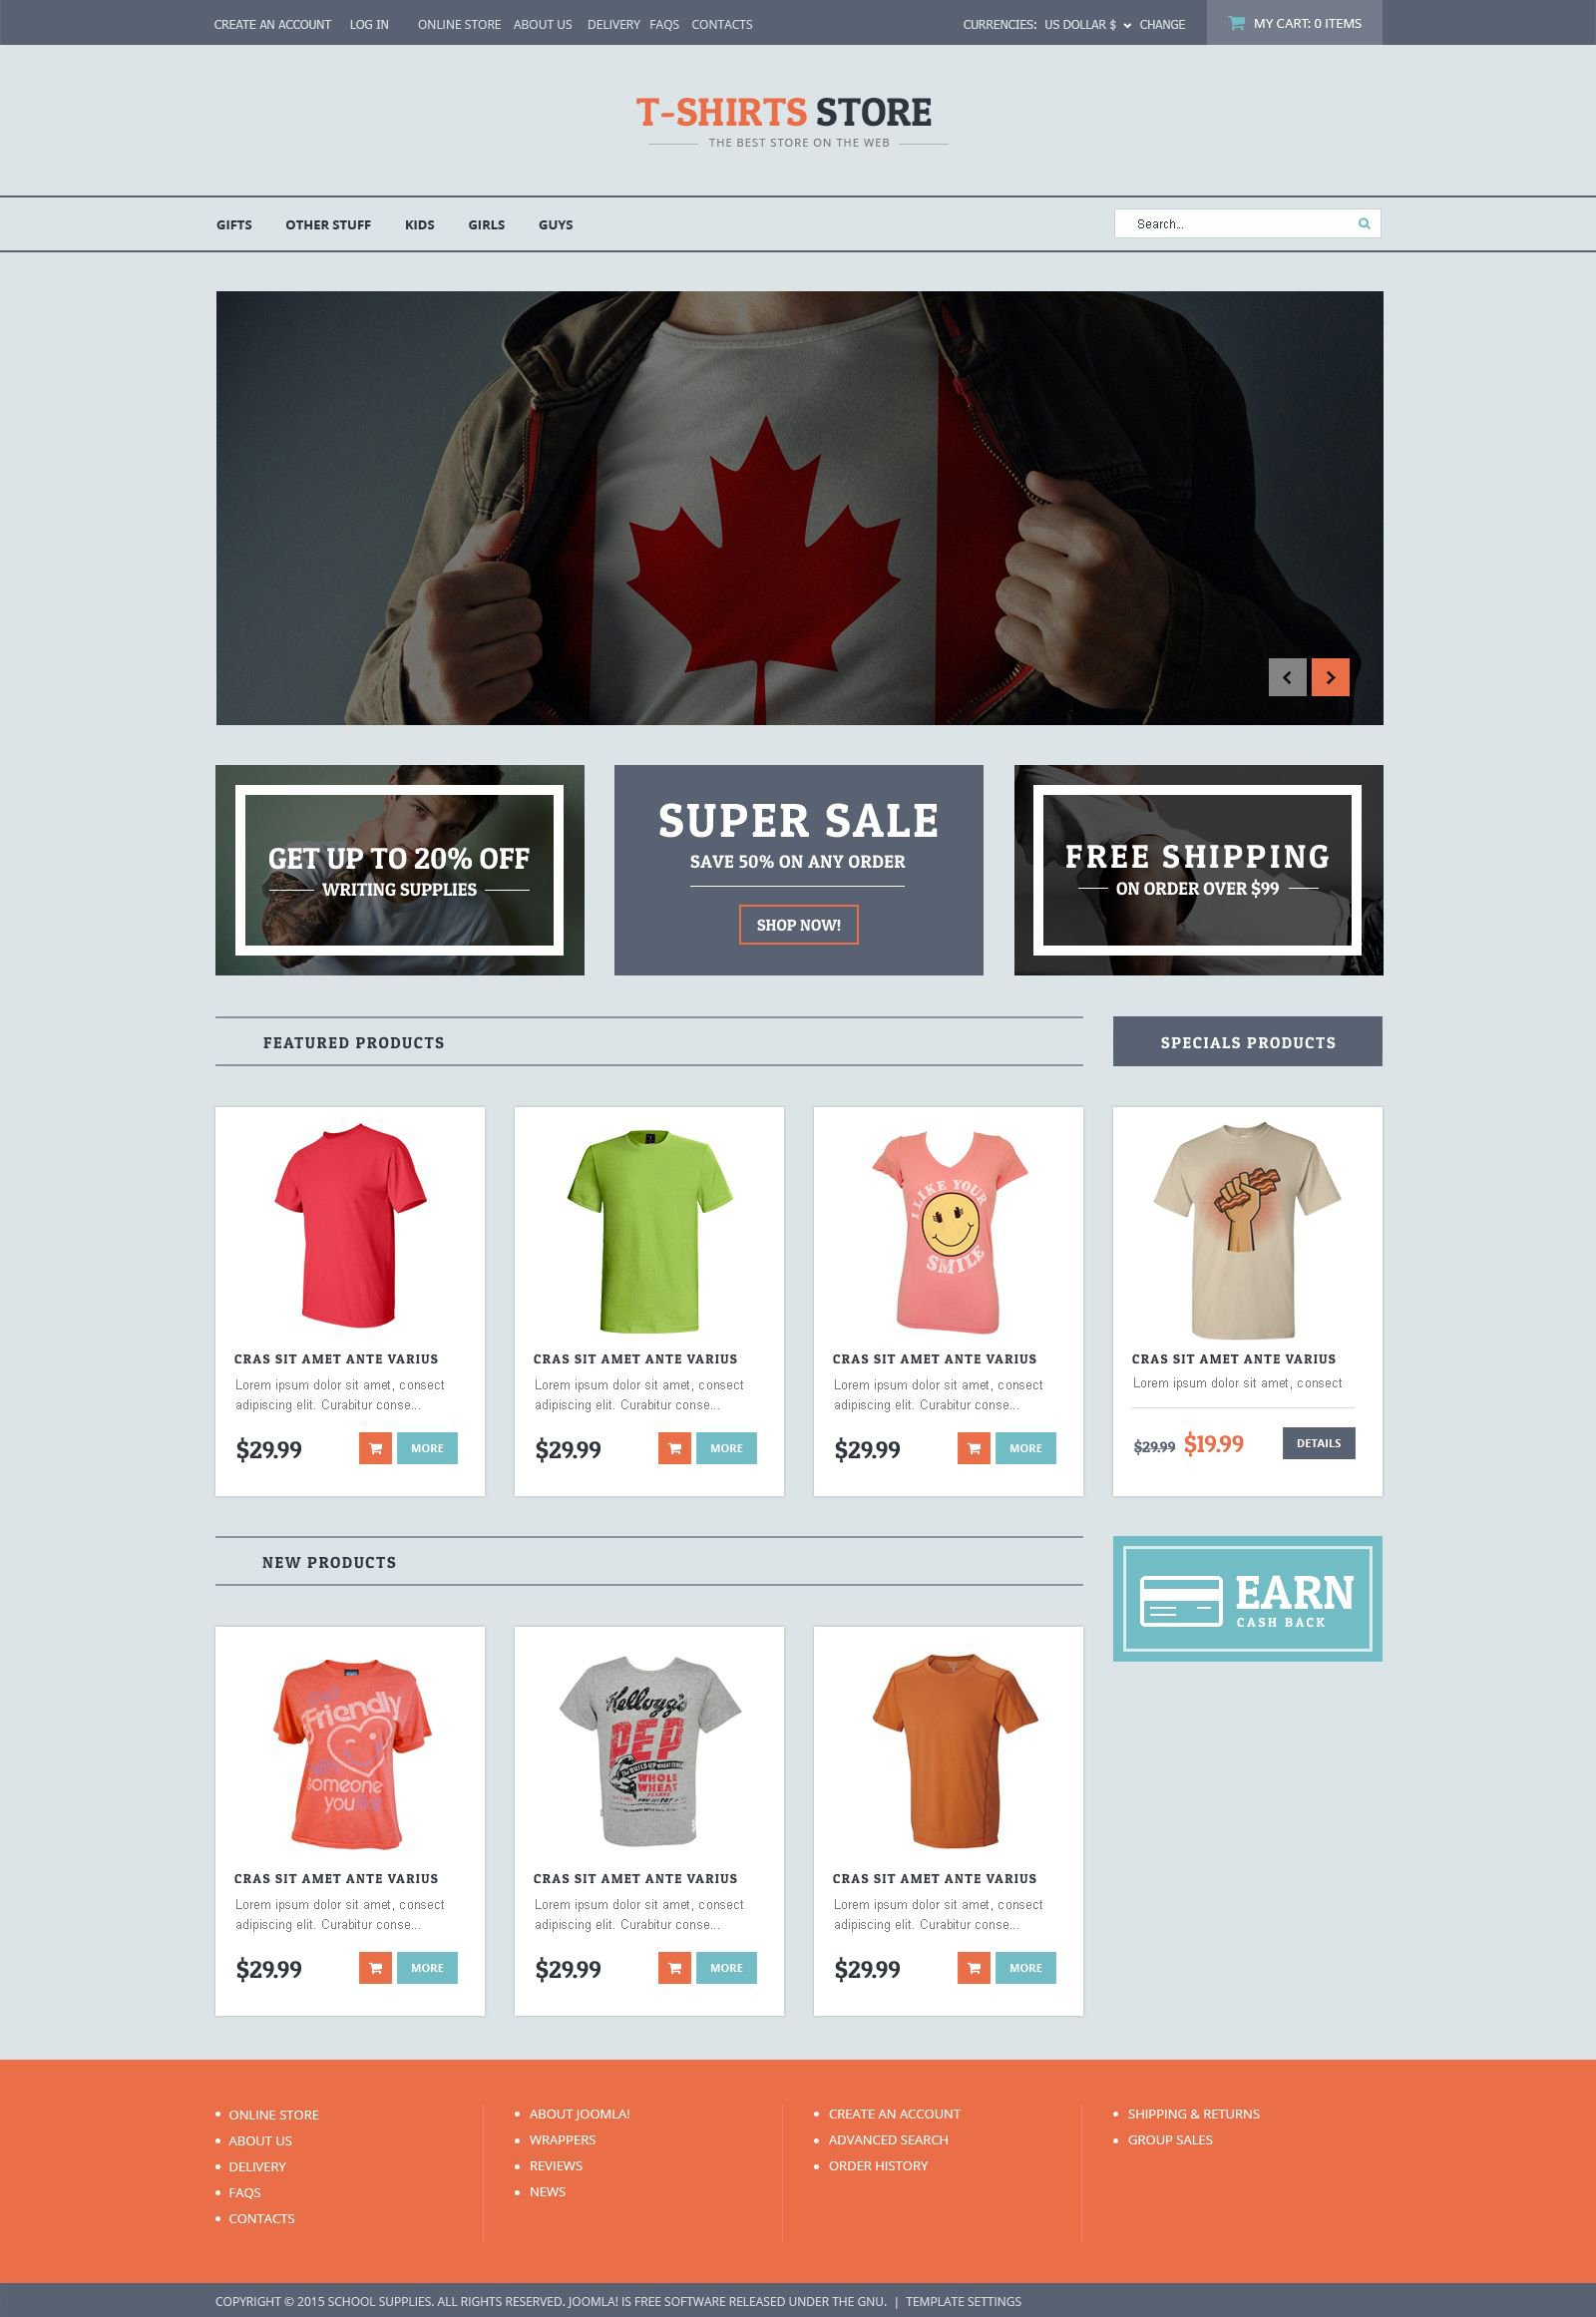 T-shirt Shop Templates | TemplateMonster